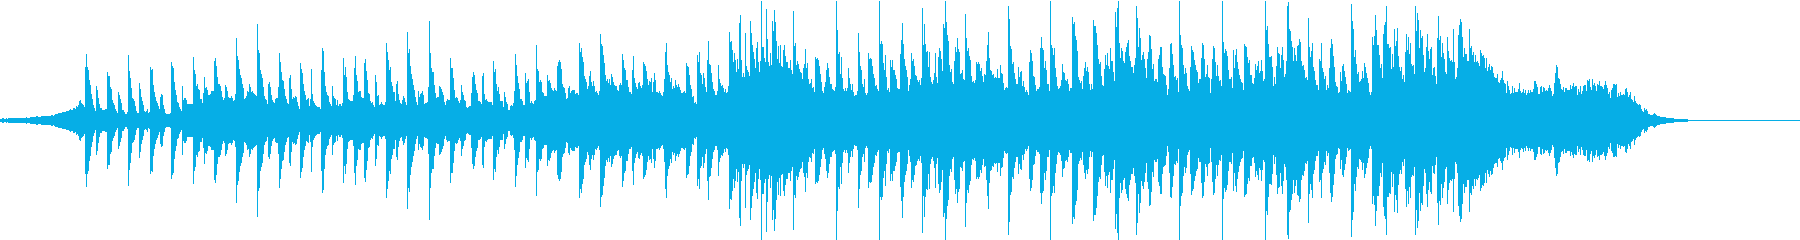 爽やかで誠実な曲 CM、企業VP映像用の再生済みの波形